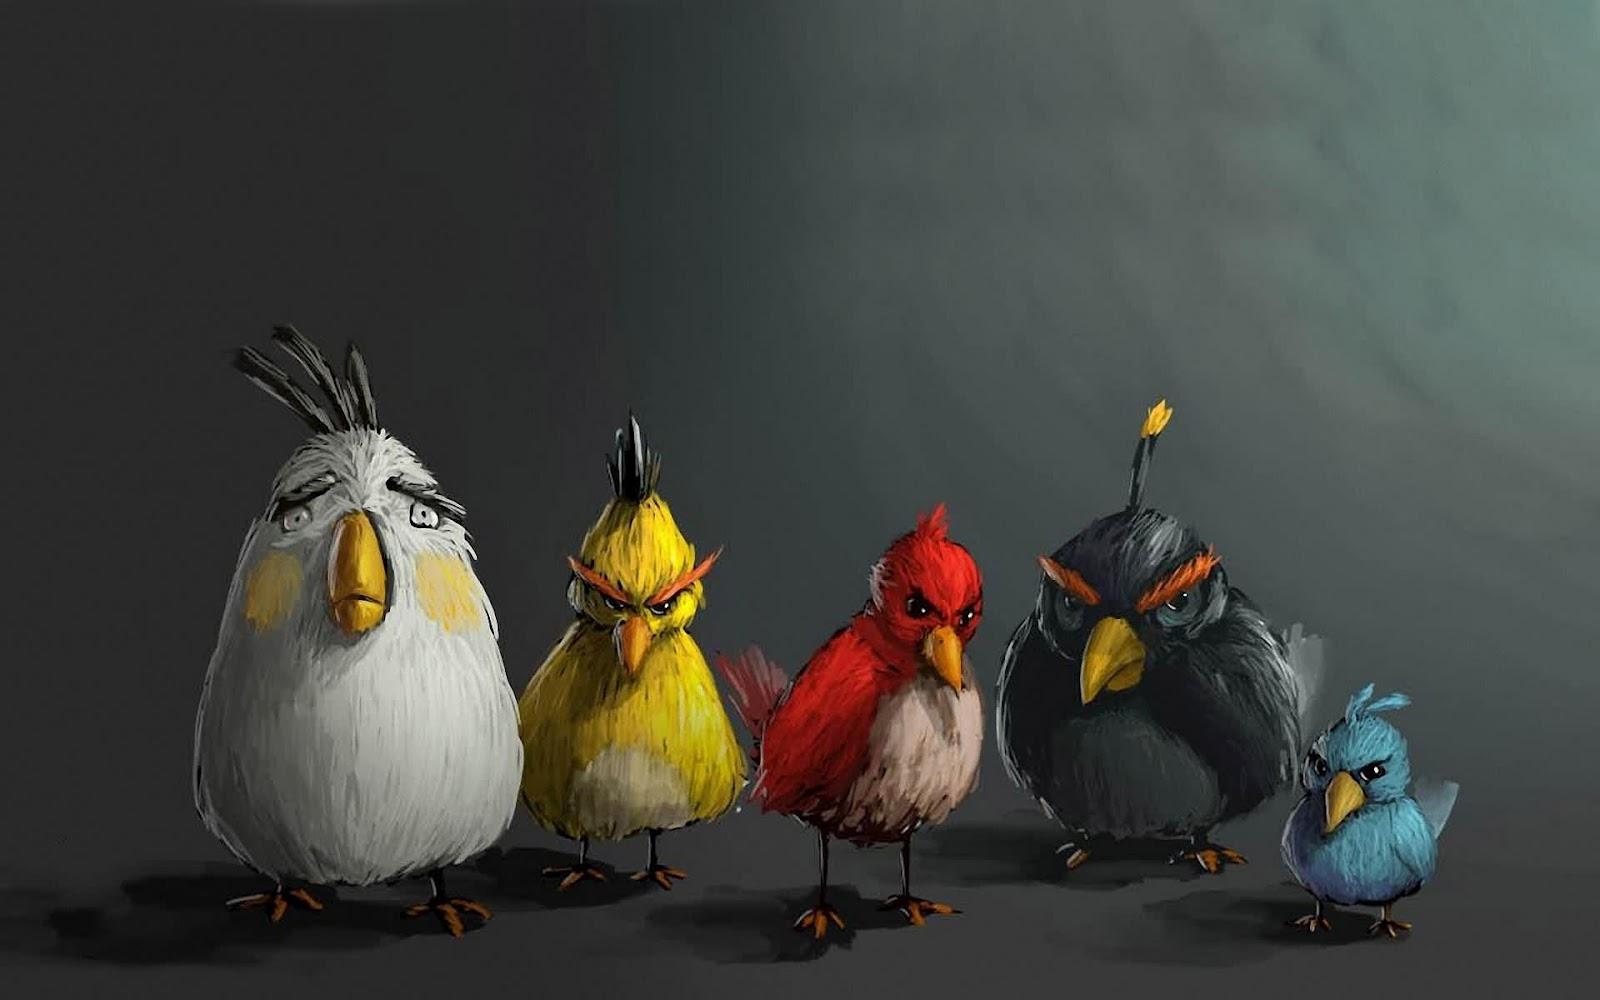 http://1.bp.blogspot.com/-pEawEnEIZt0/UEMgU2NxTLI/AAAAAAAAFsw/CFfH-jNP1SU/s1600/hd-game-angry-birds-wallpaper-hd-game-angry-birds-achtergrond.jpg